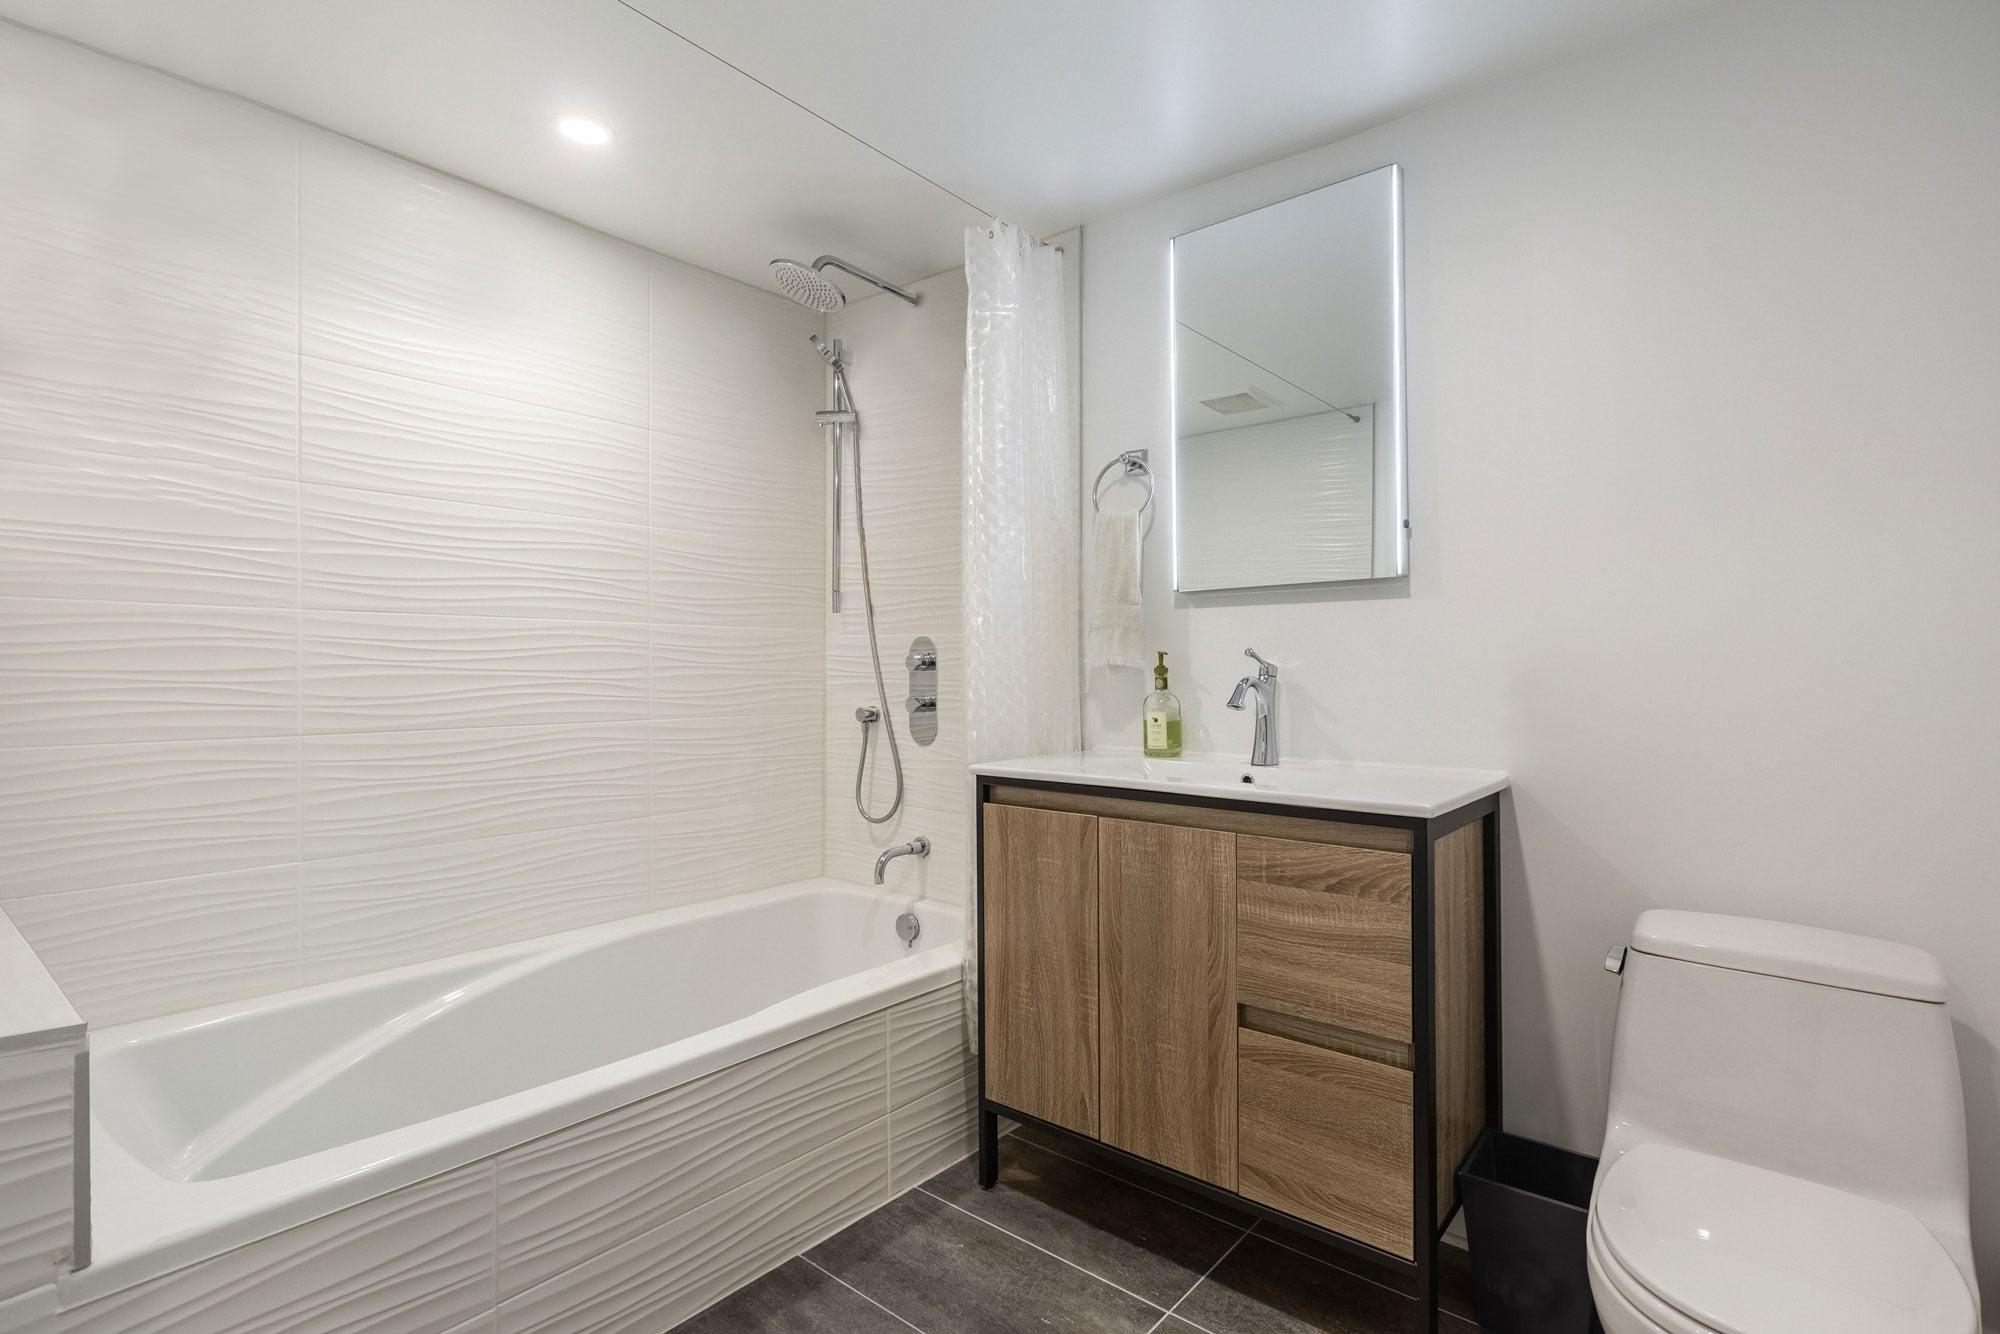 salle de bain au sous-sol avec bain-douche et vanité en bois